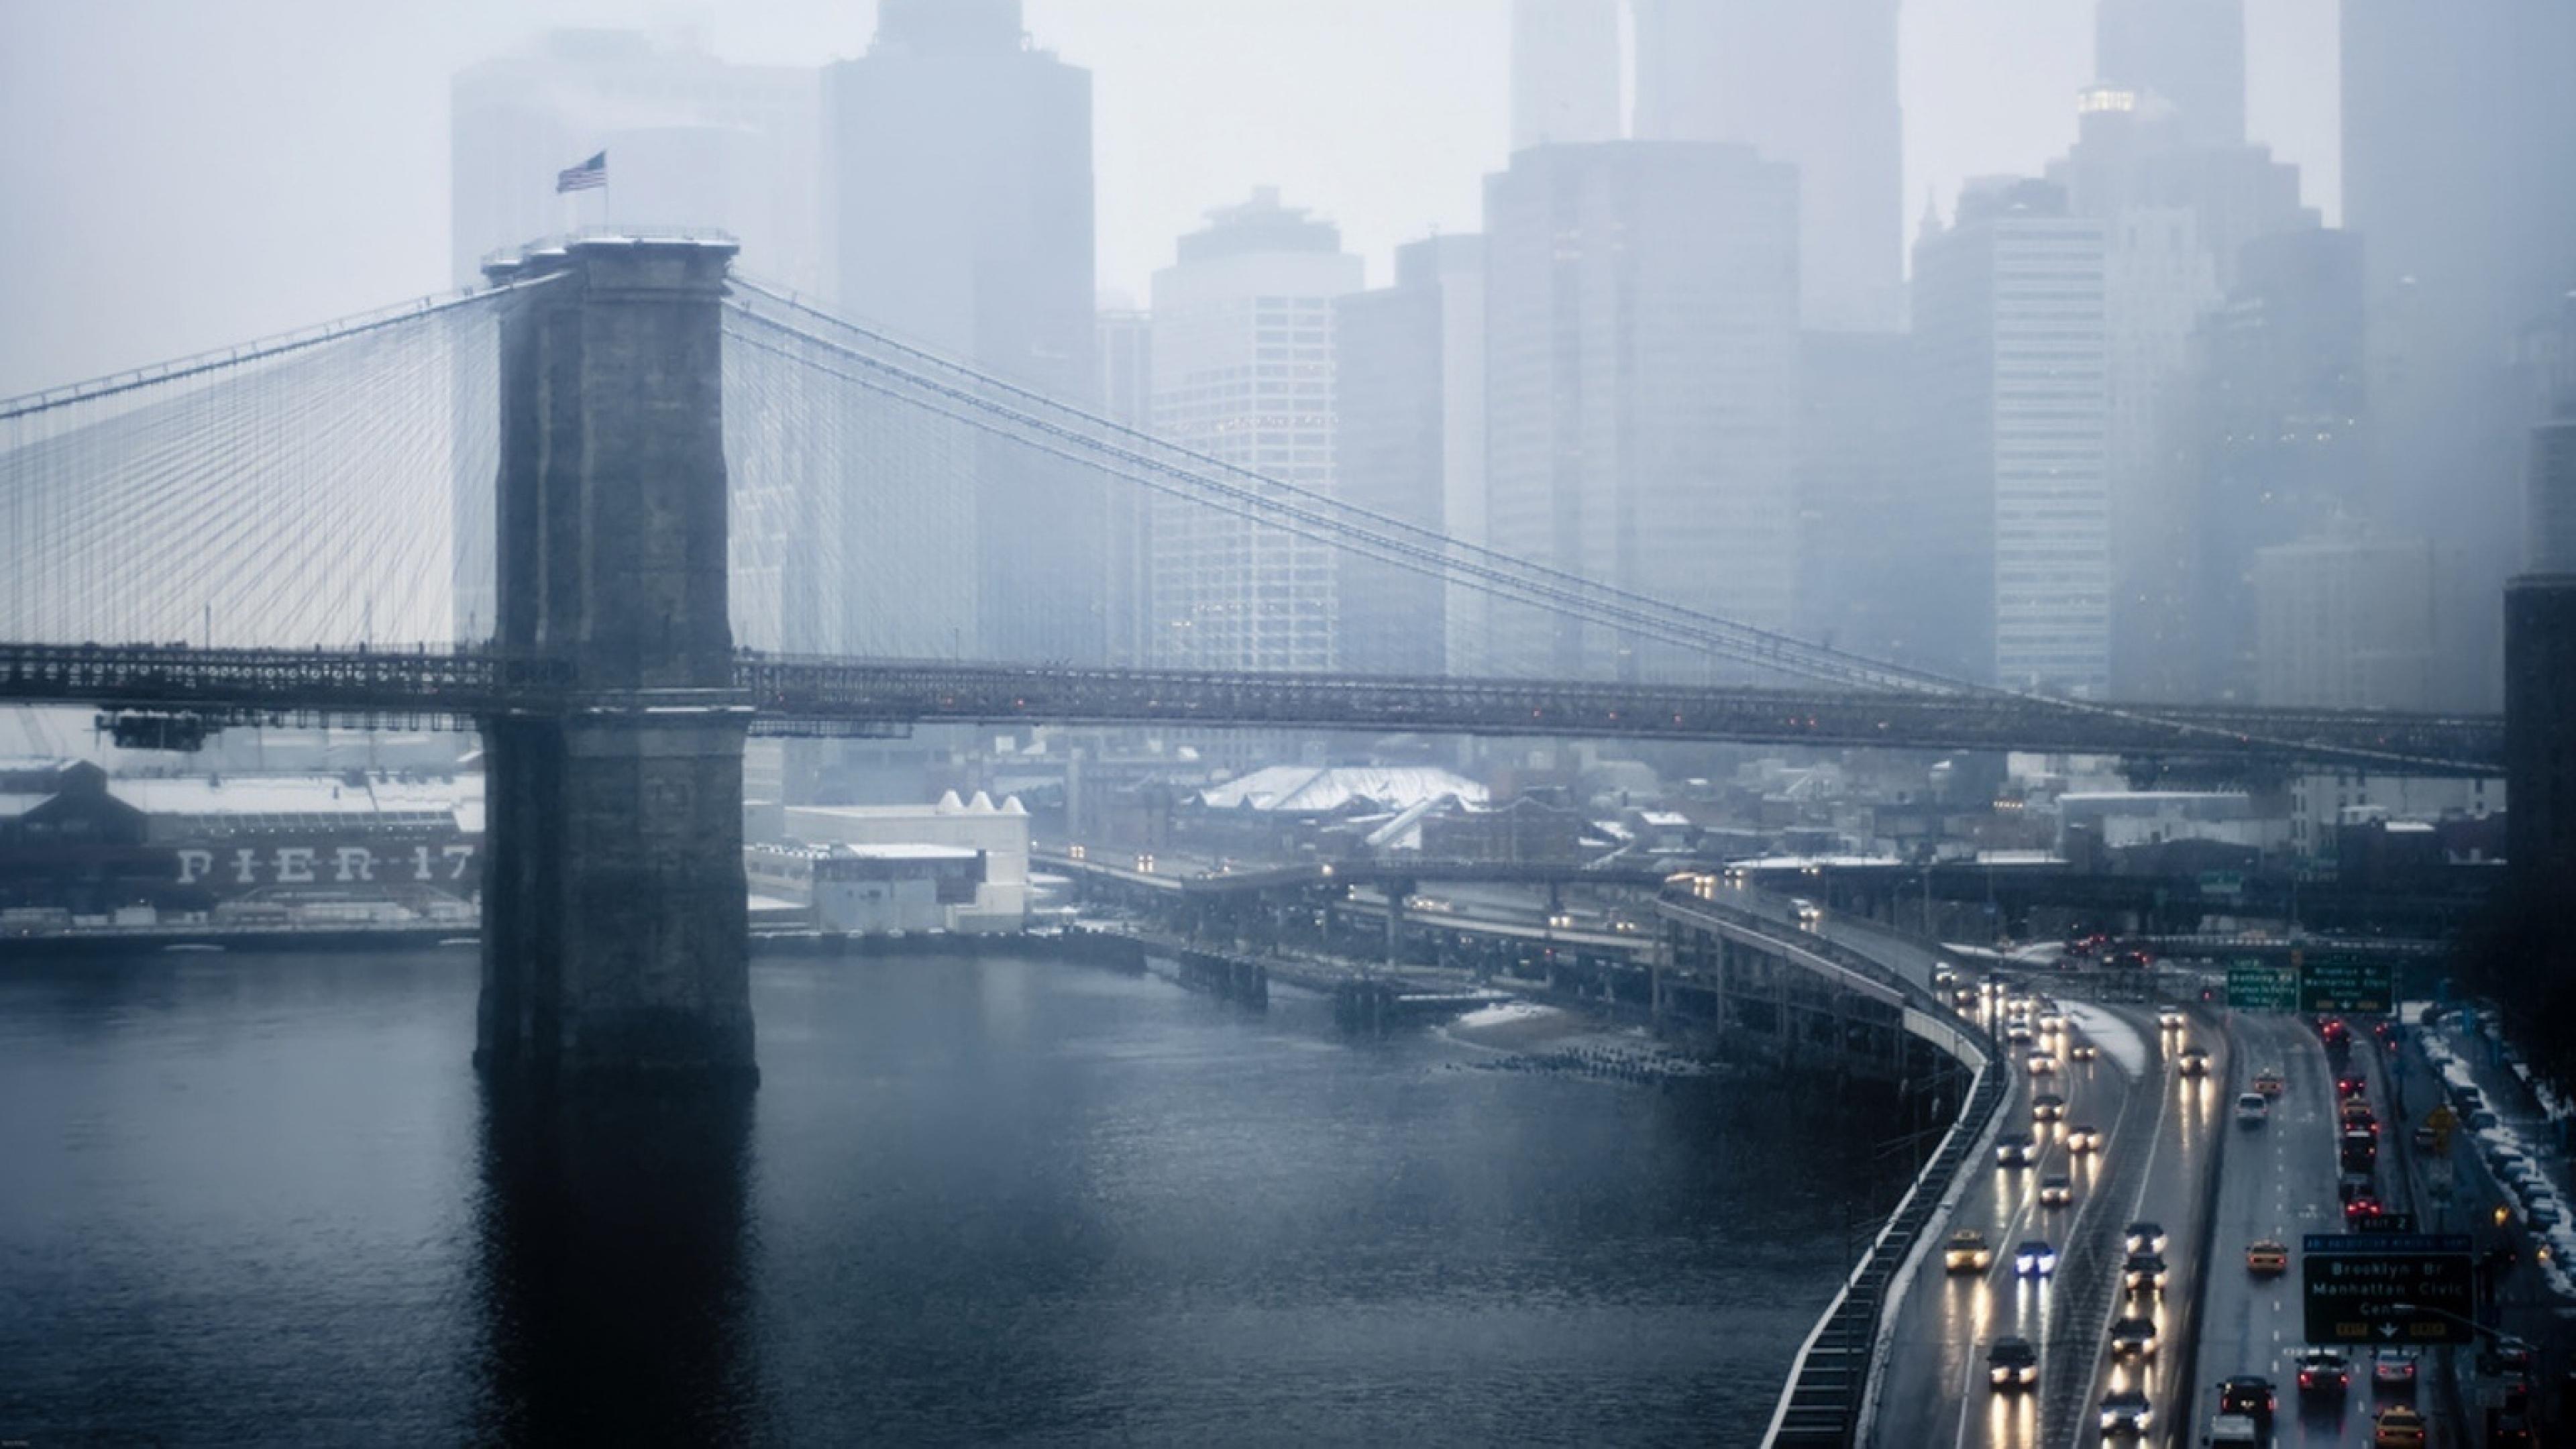 4K New York Wallpaper